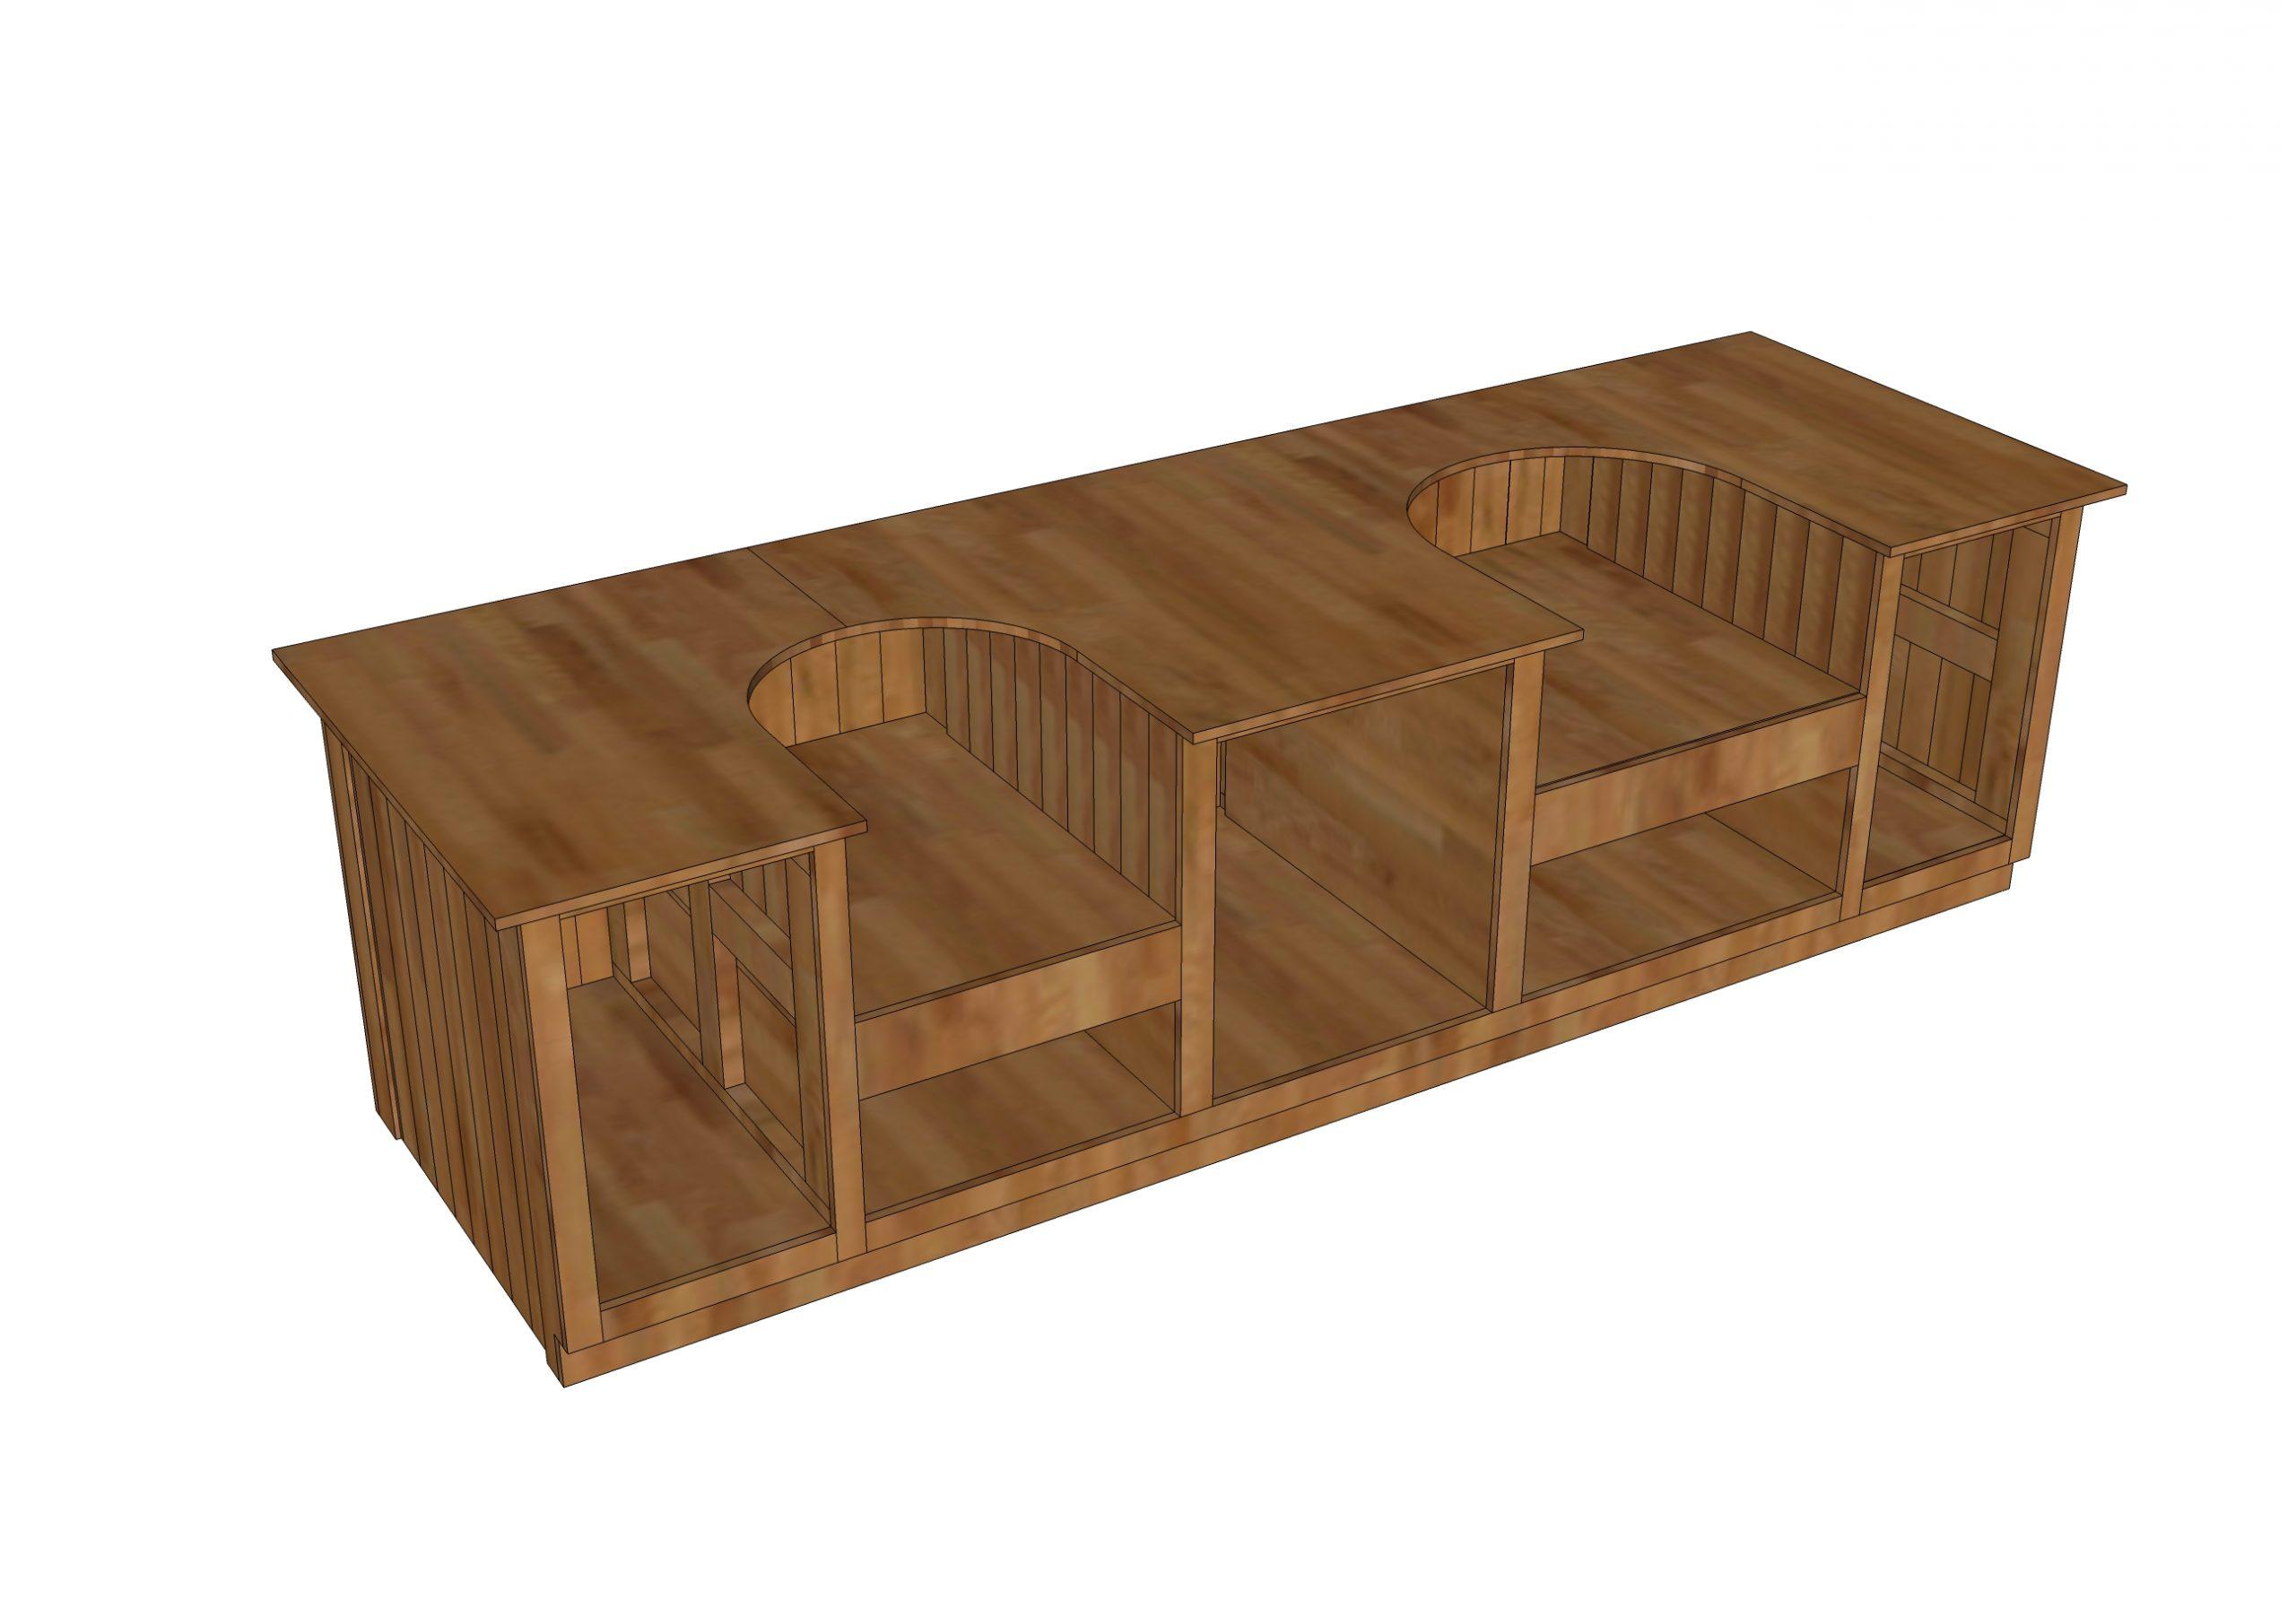 double egg table plans or double kamado joe table plans